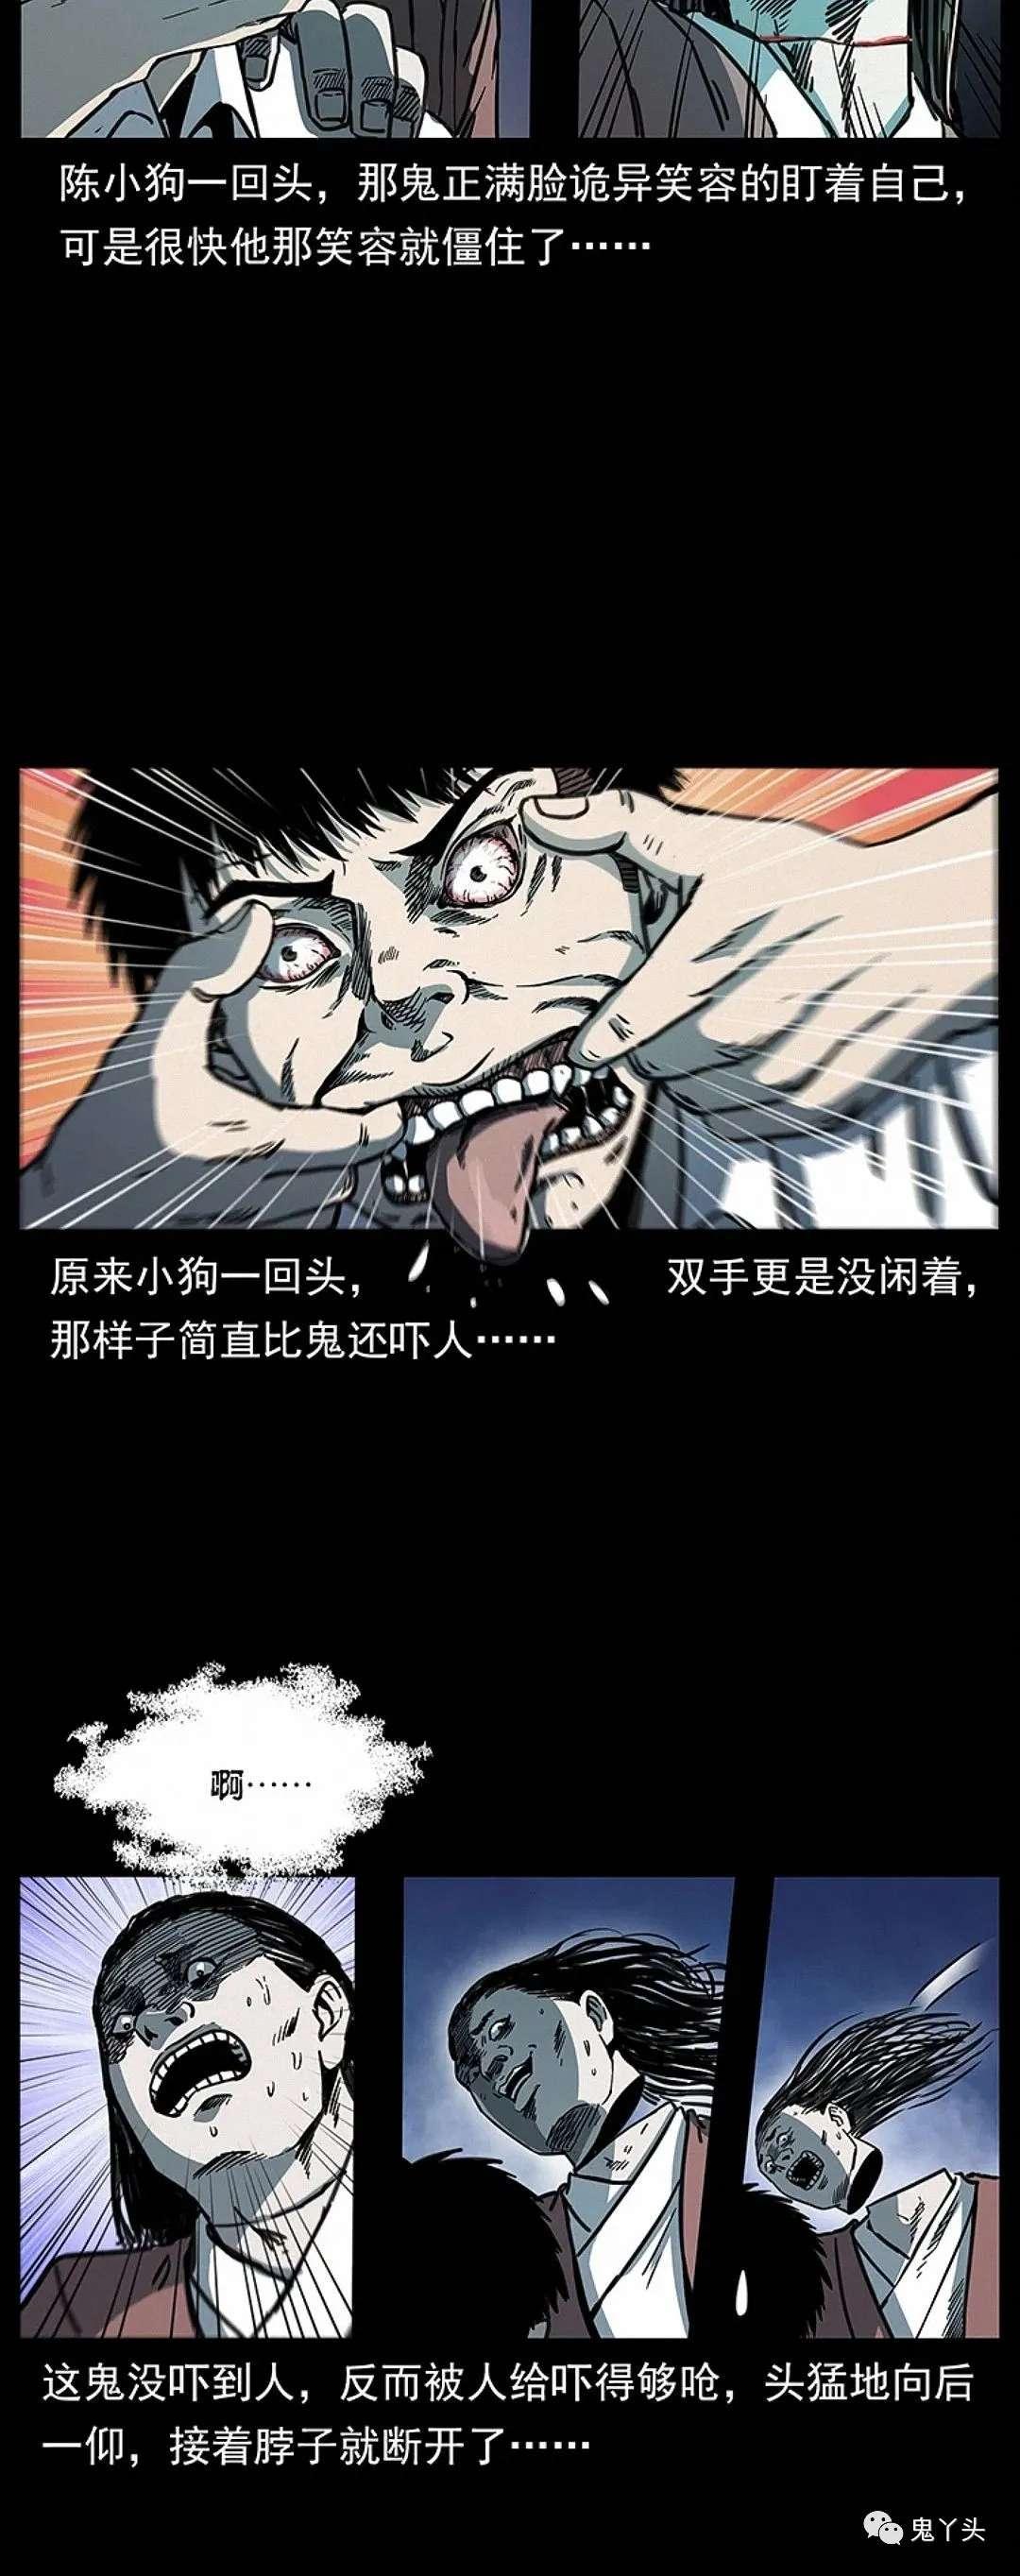 【漫画更新】幽冥诡匠 第261话 《朕是皇上》